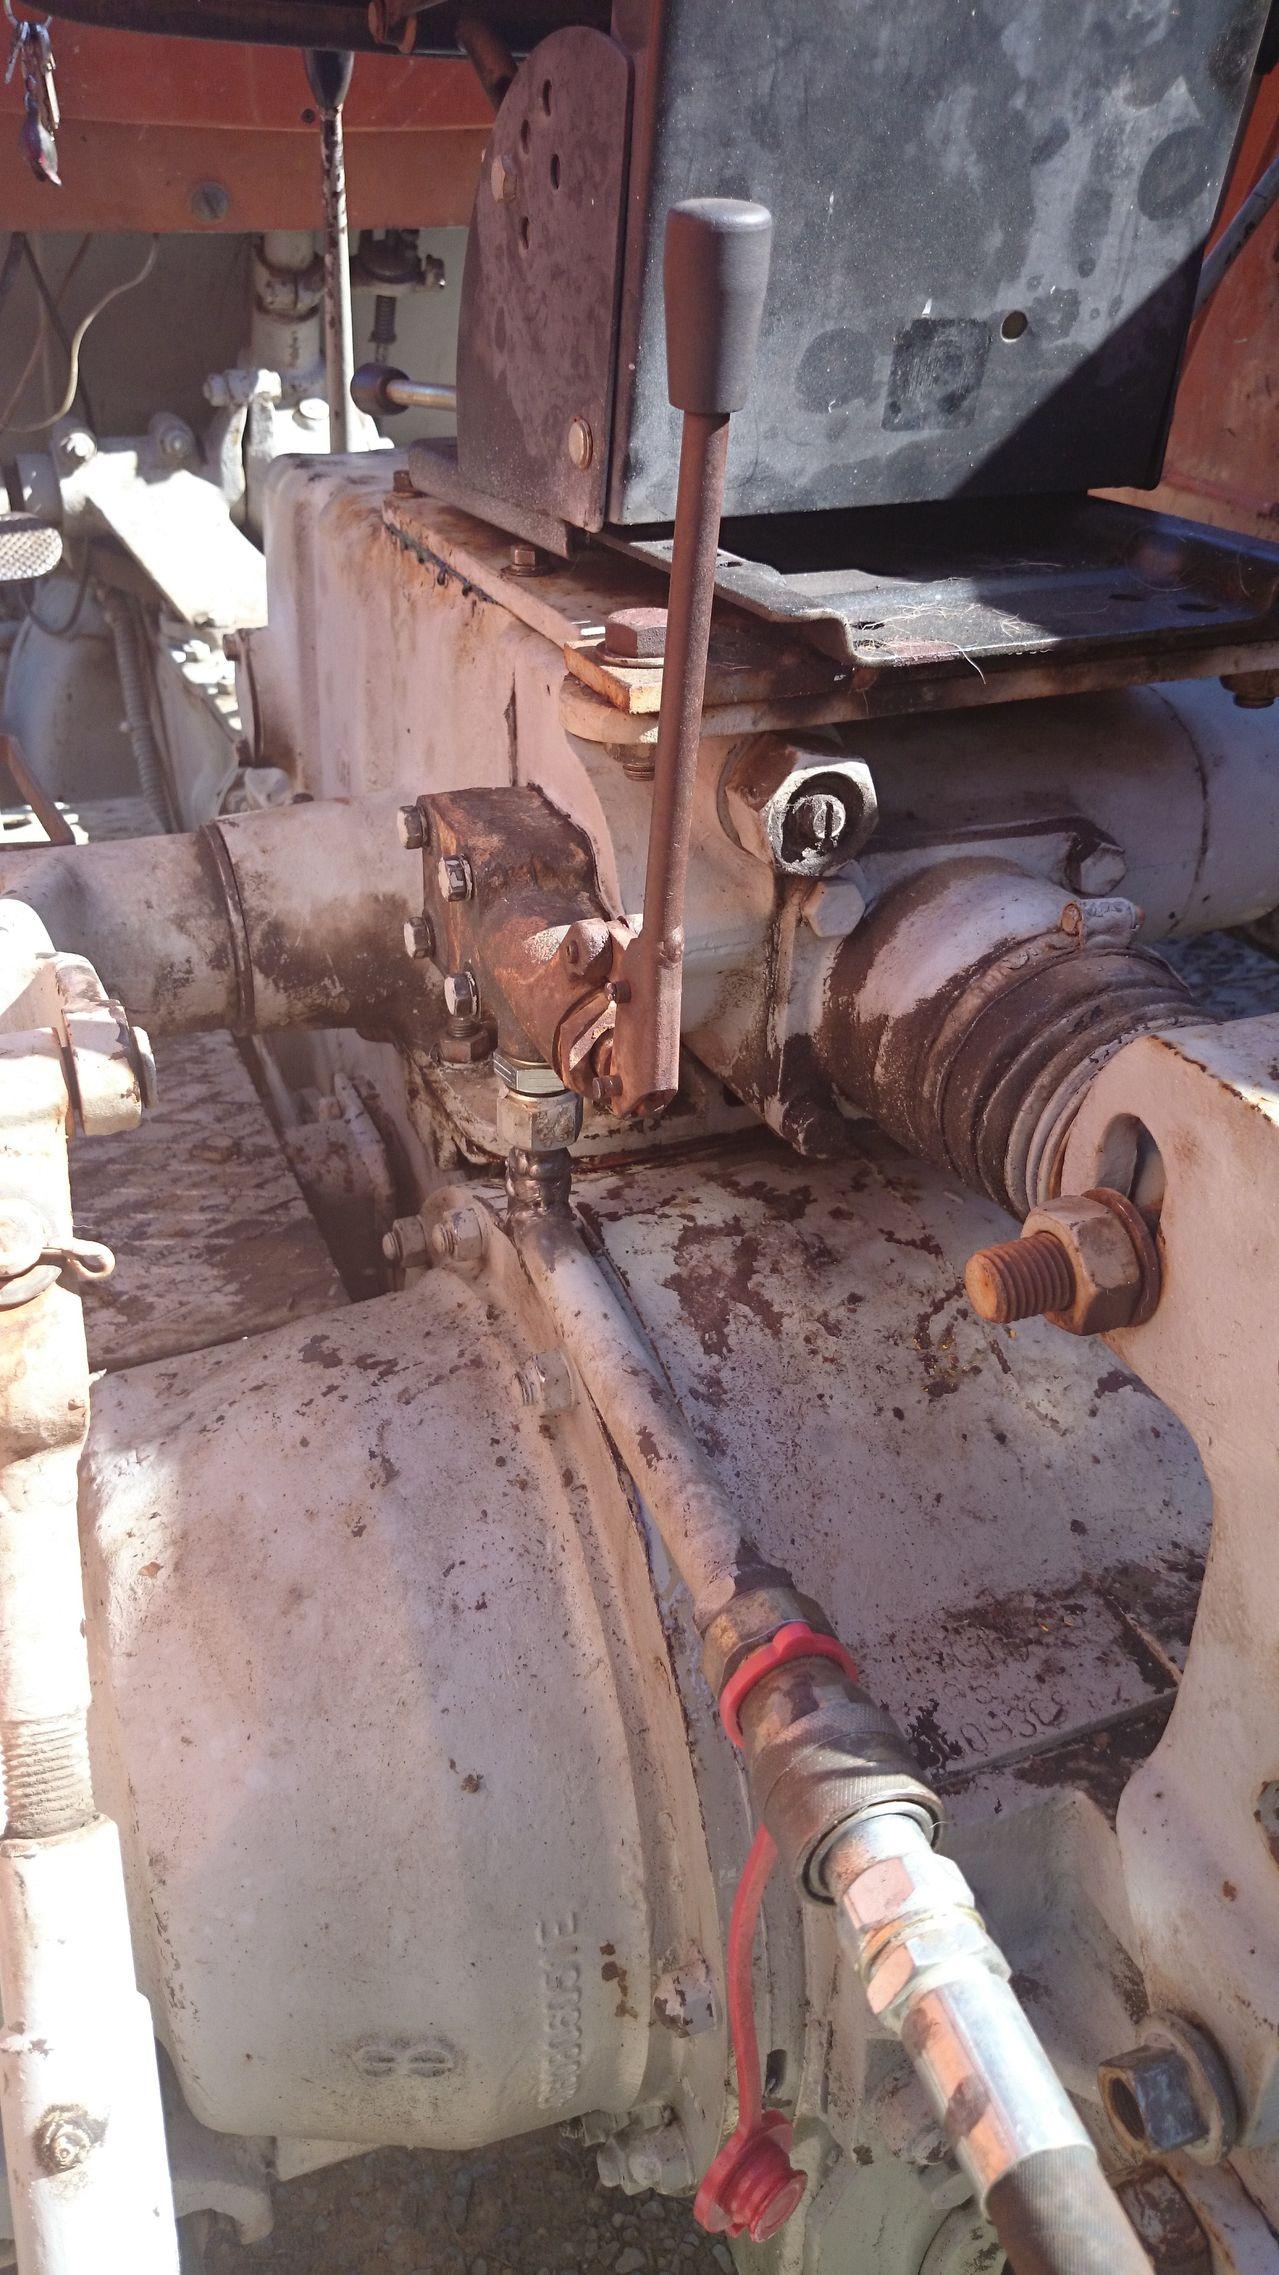 [Barreiros 7070] Problemas de hidráulica (solucionado) - Página 2 DSC_0068